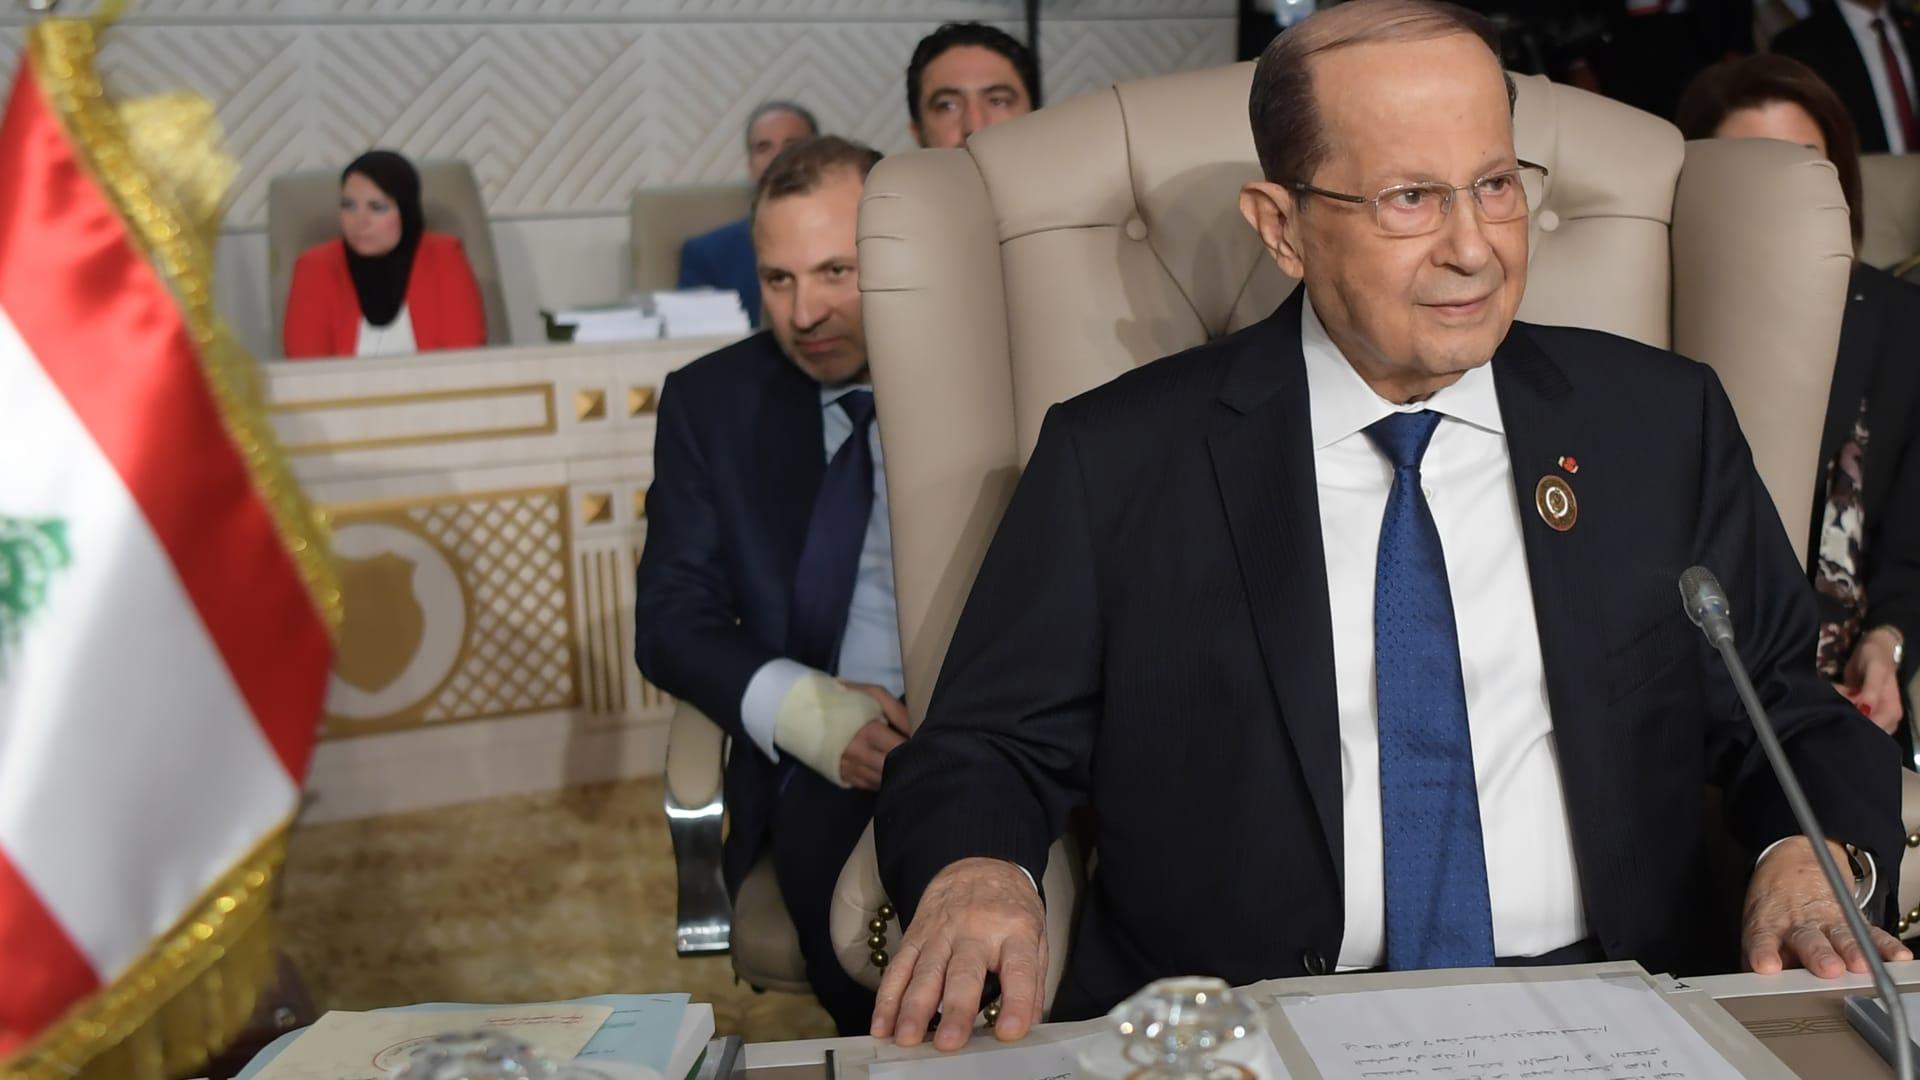 إطلاق نار بإشكال بين موكب سياسي لبناني ومعتصمين قرب البرلمان